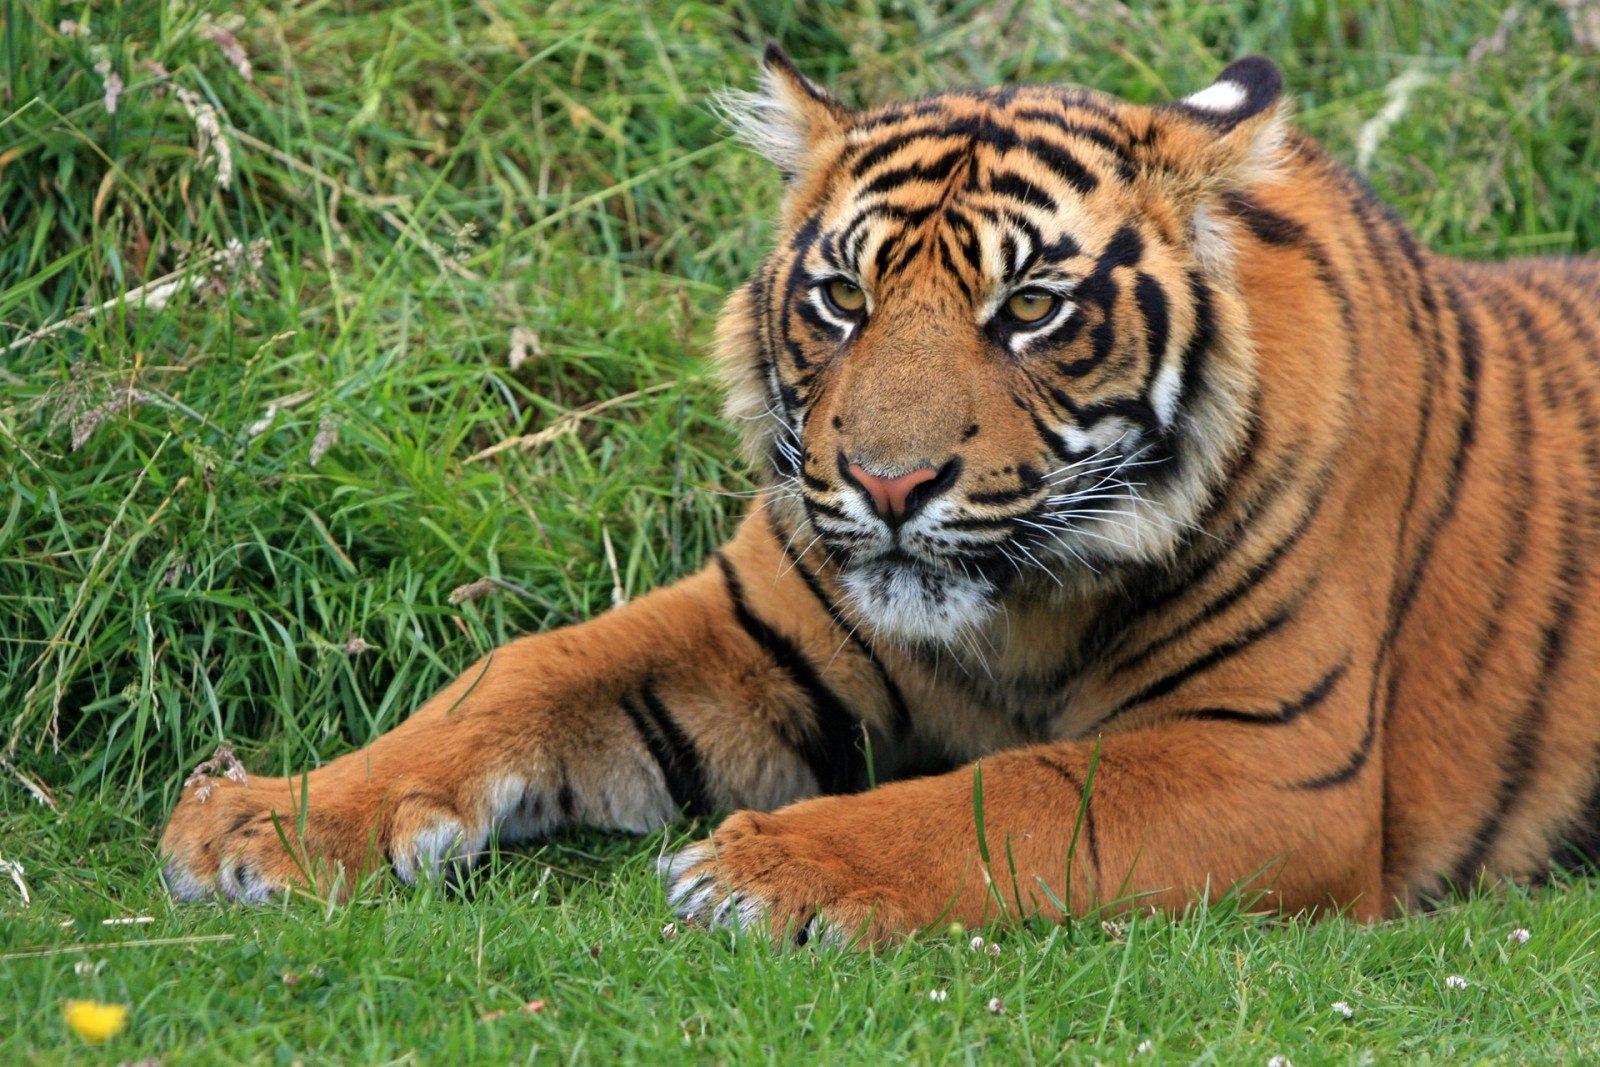 Tiger World, un show 100% tigre inauguré en avril au Zoo d'Amnéville